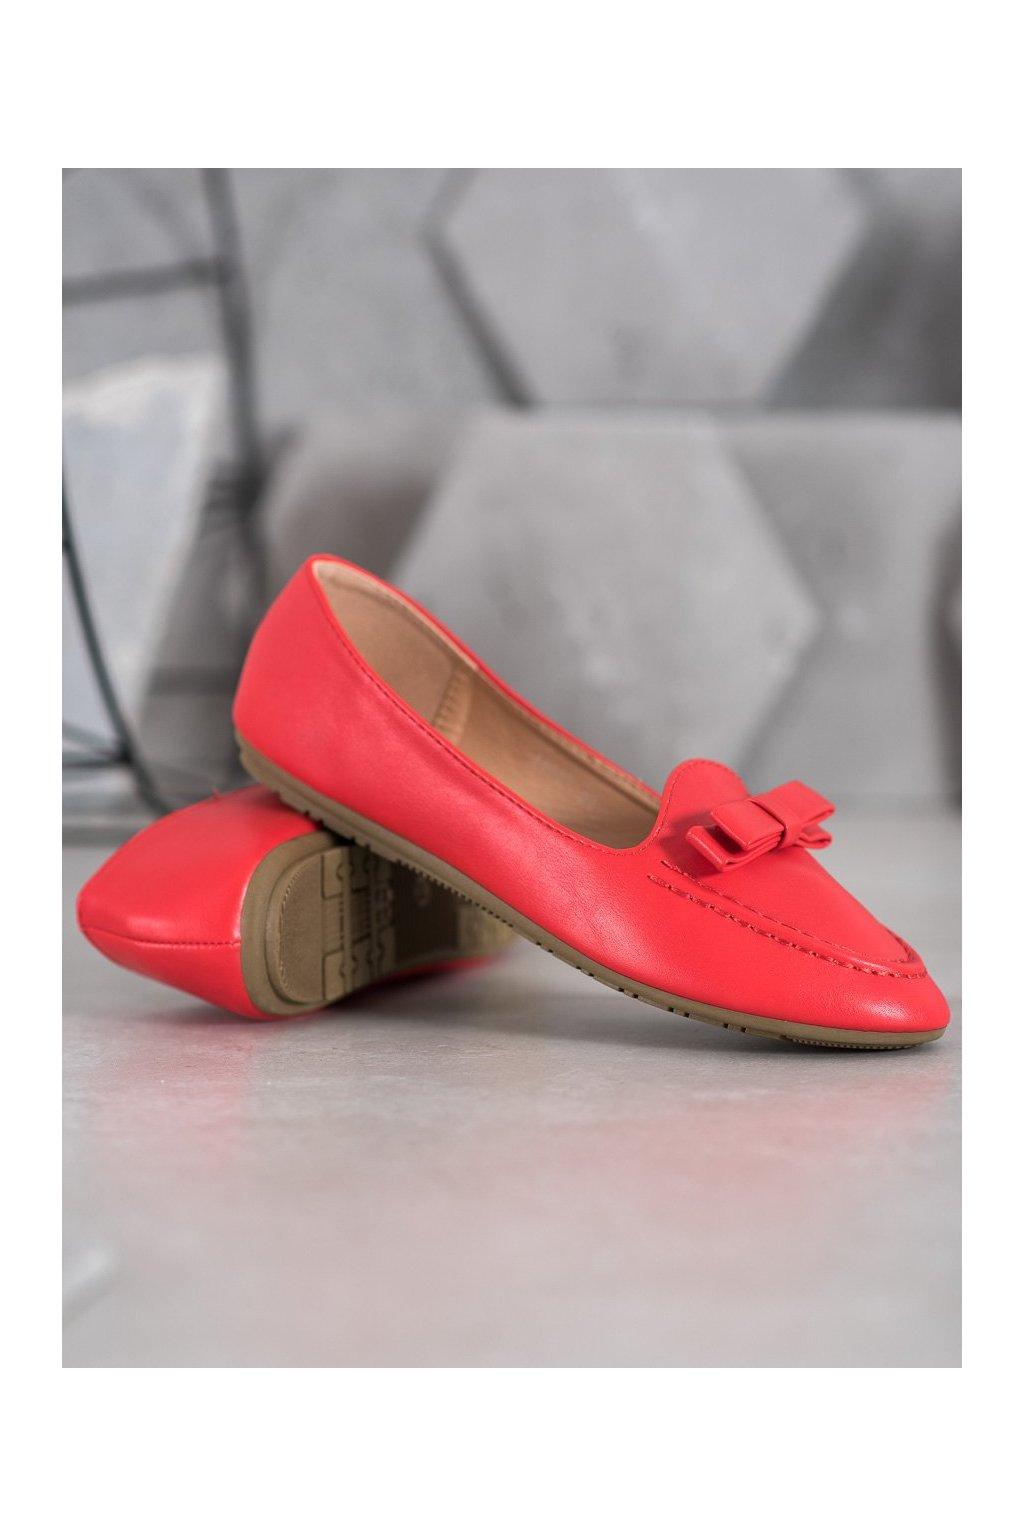 Červené dámske balerínky Shelovet NJSK A8637R